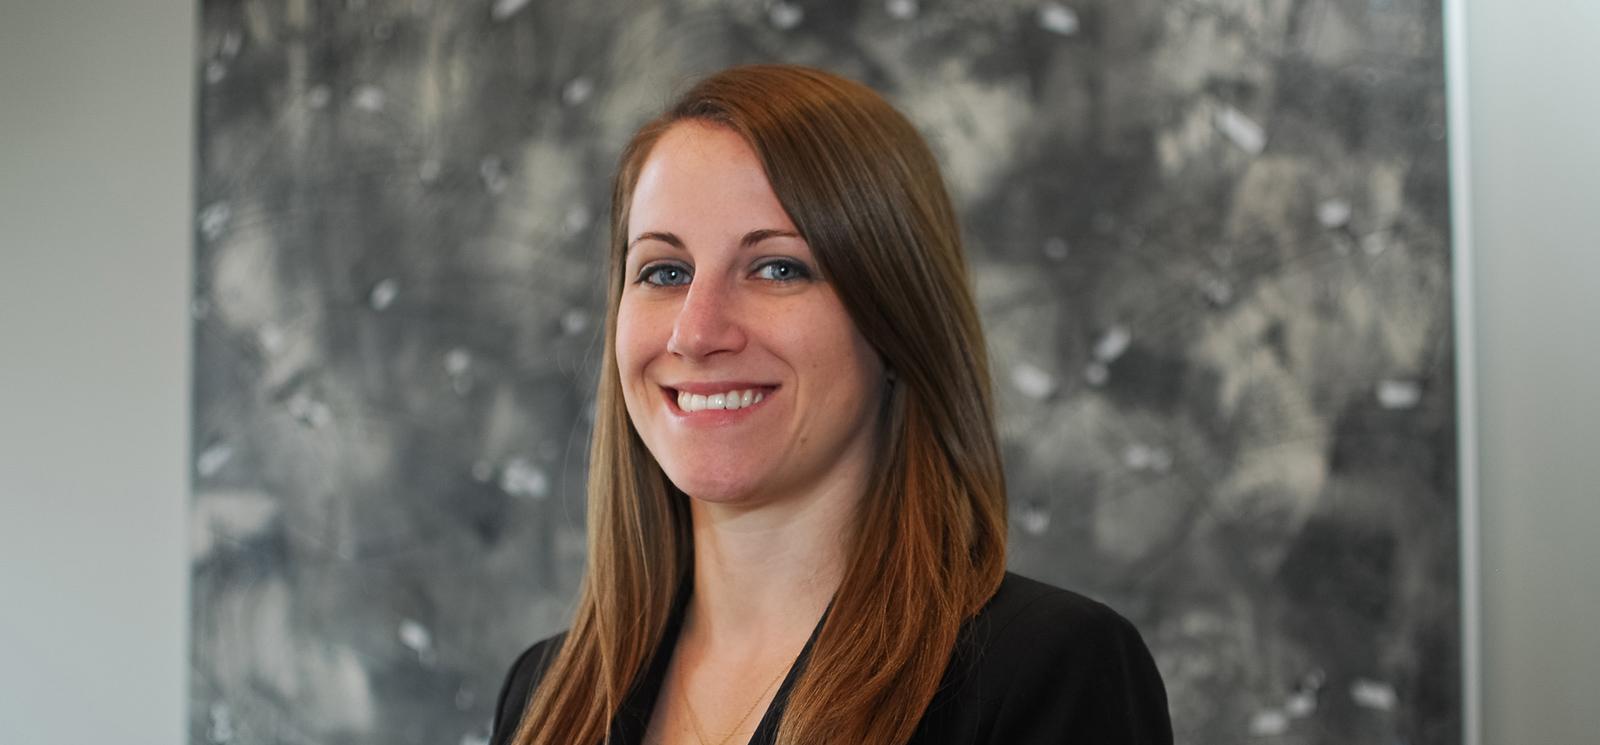 Stephanie L. Clark Architectural Resources Team